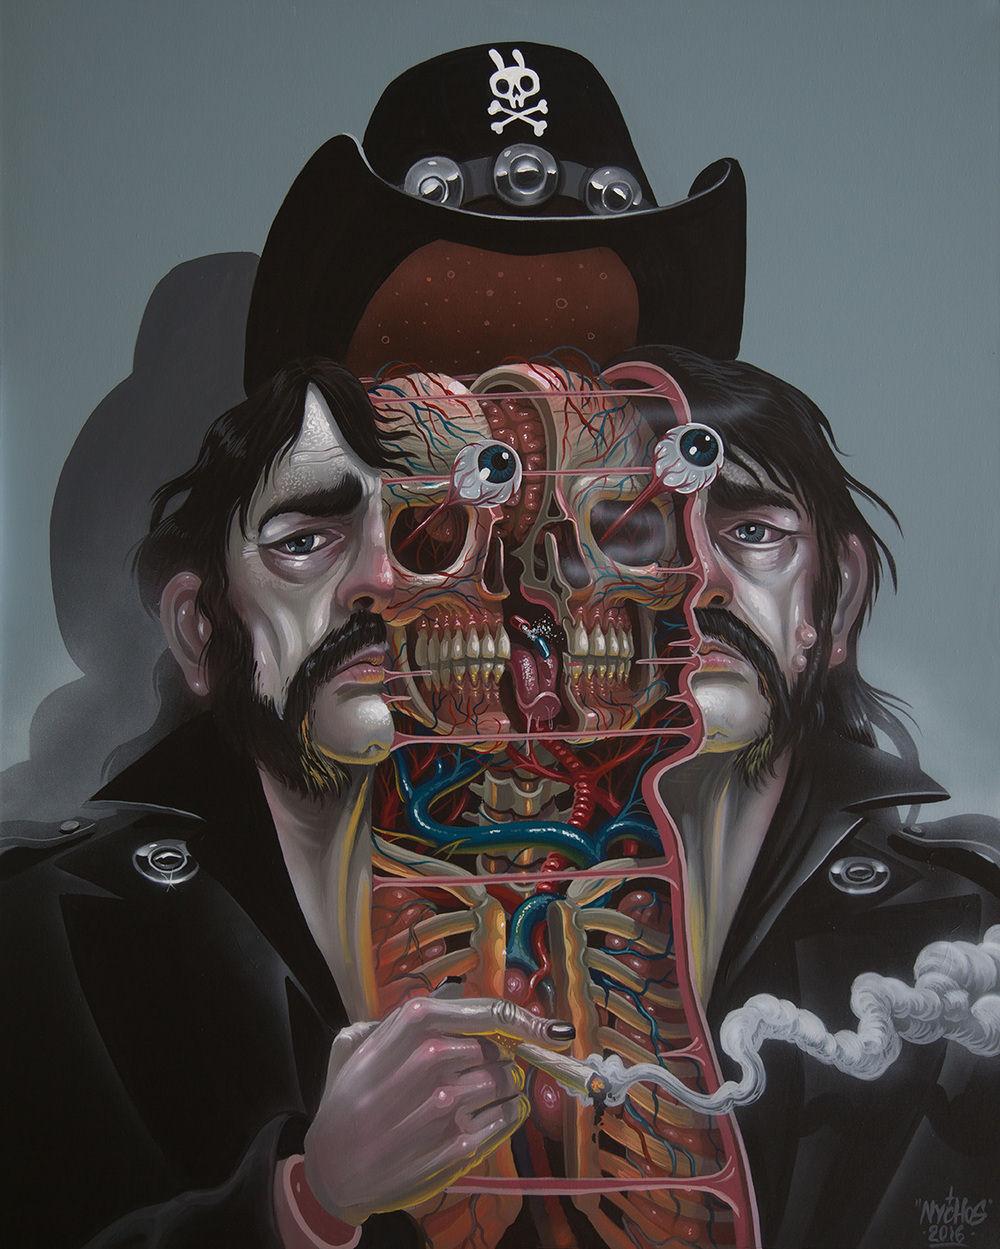 anatomia-deposito-nerd (7)